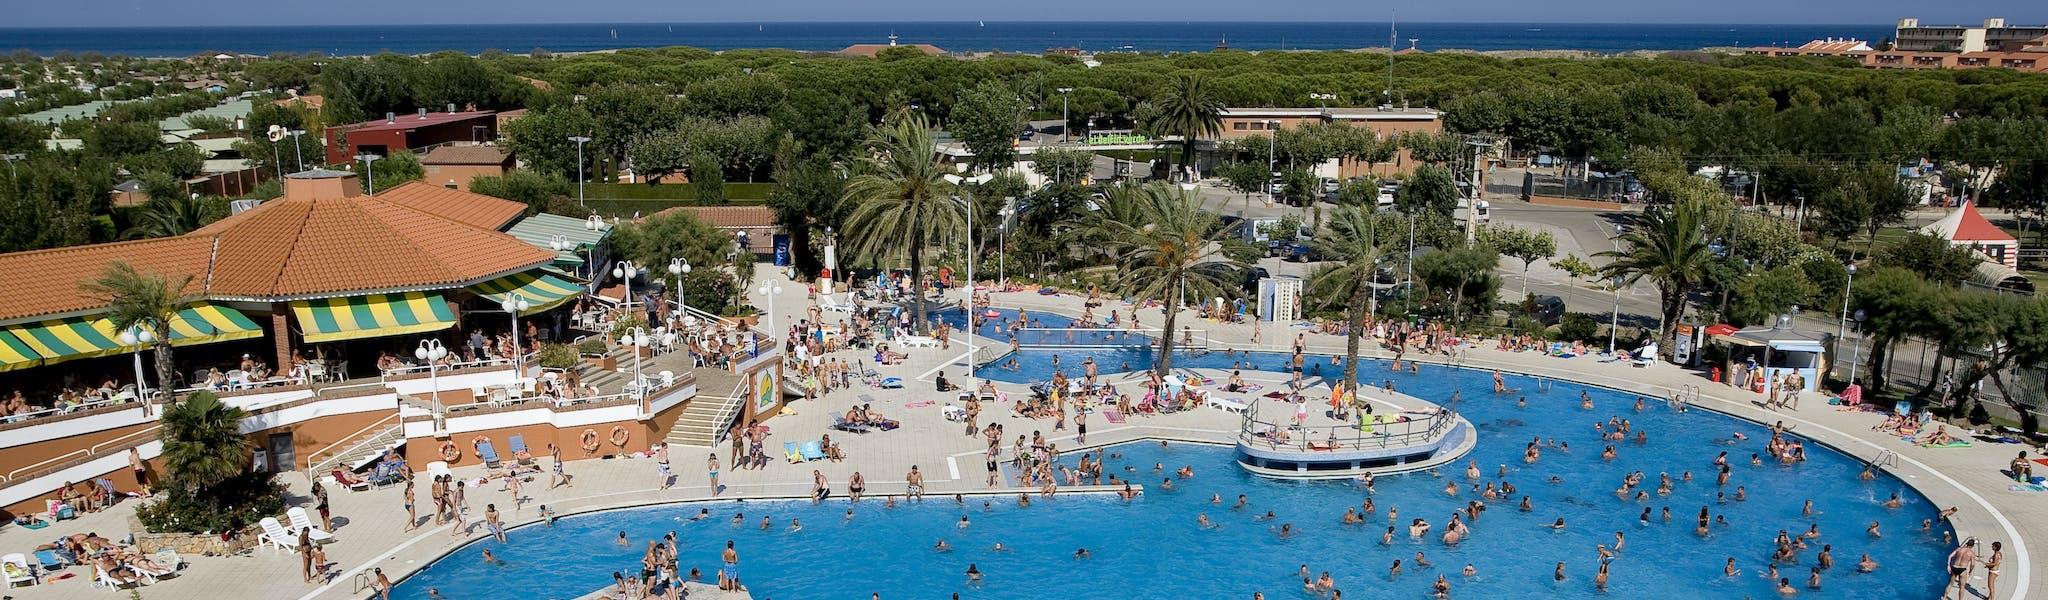 zwembad bij camping El Delfin Verde